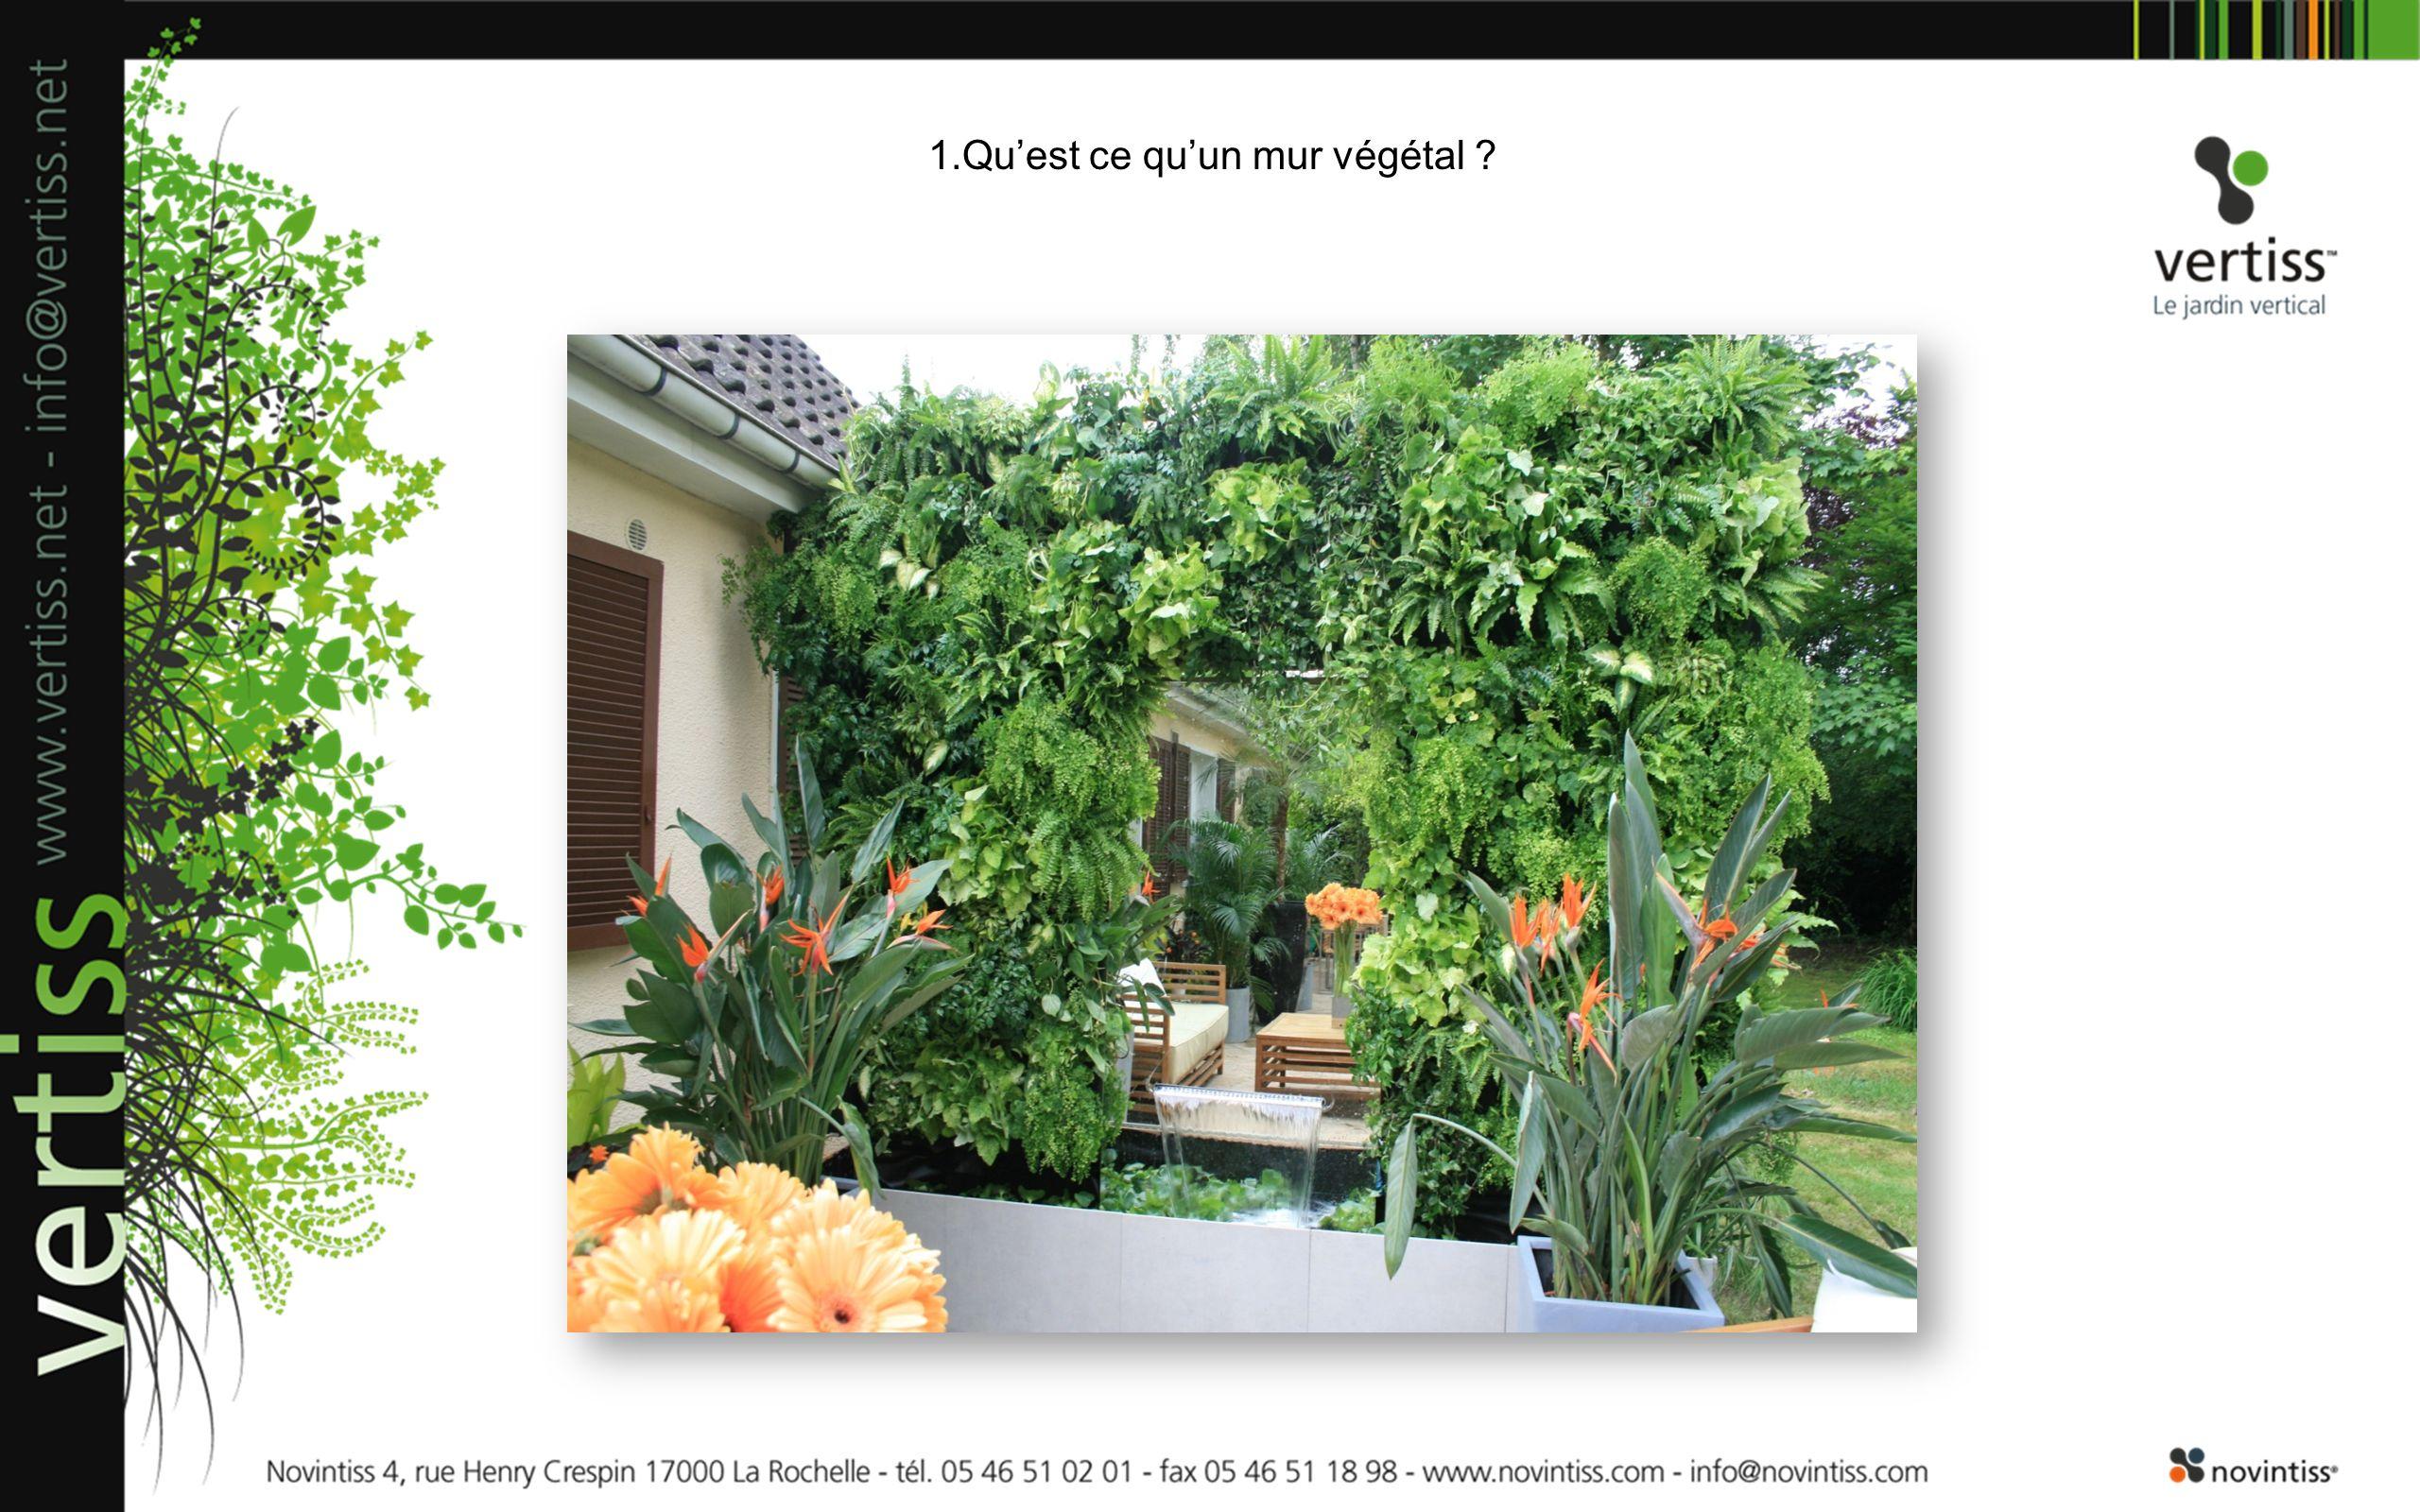 1.Qu'est ce qu'un mur végétal